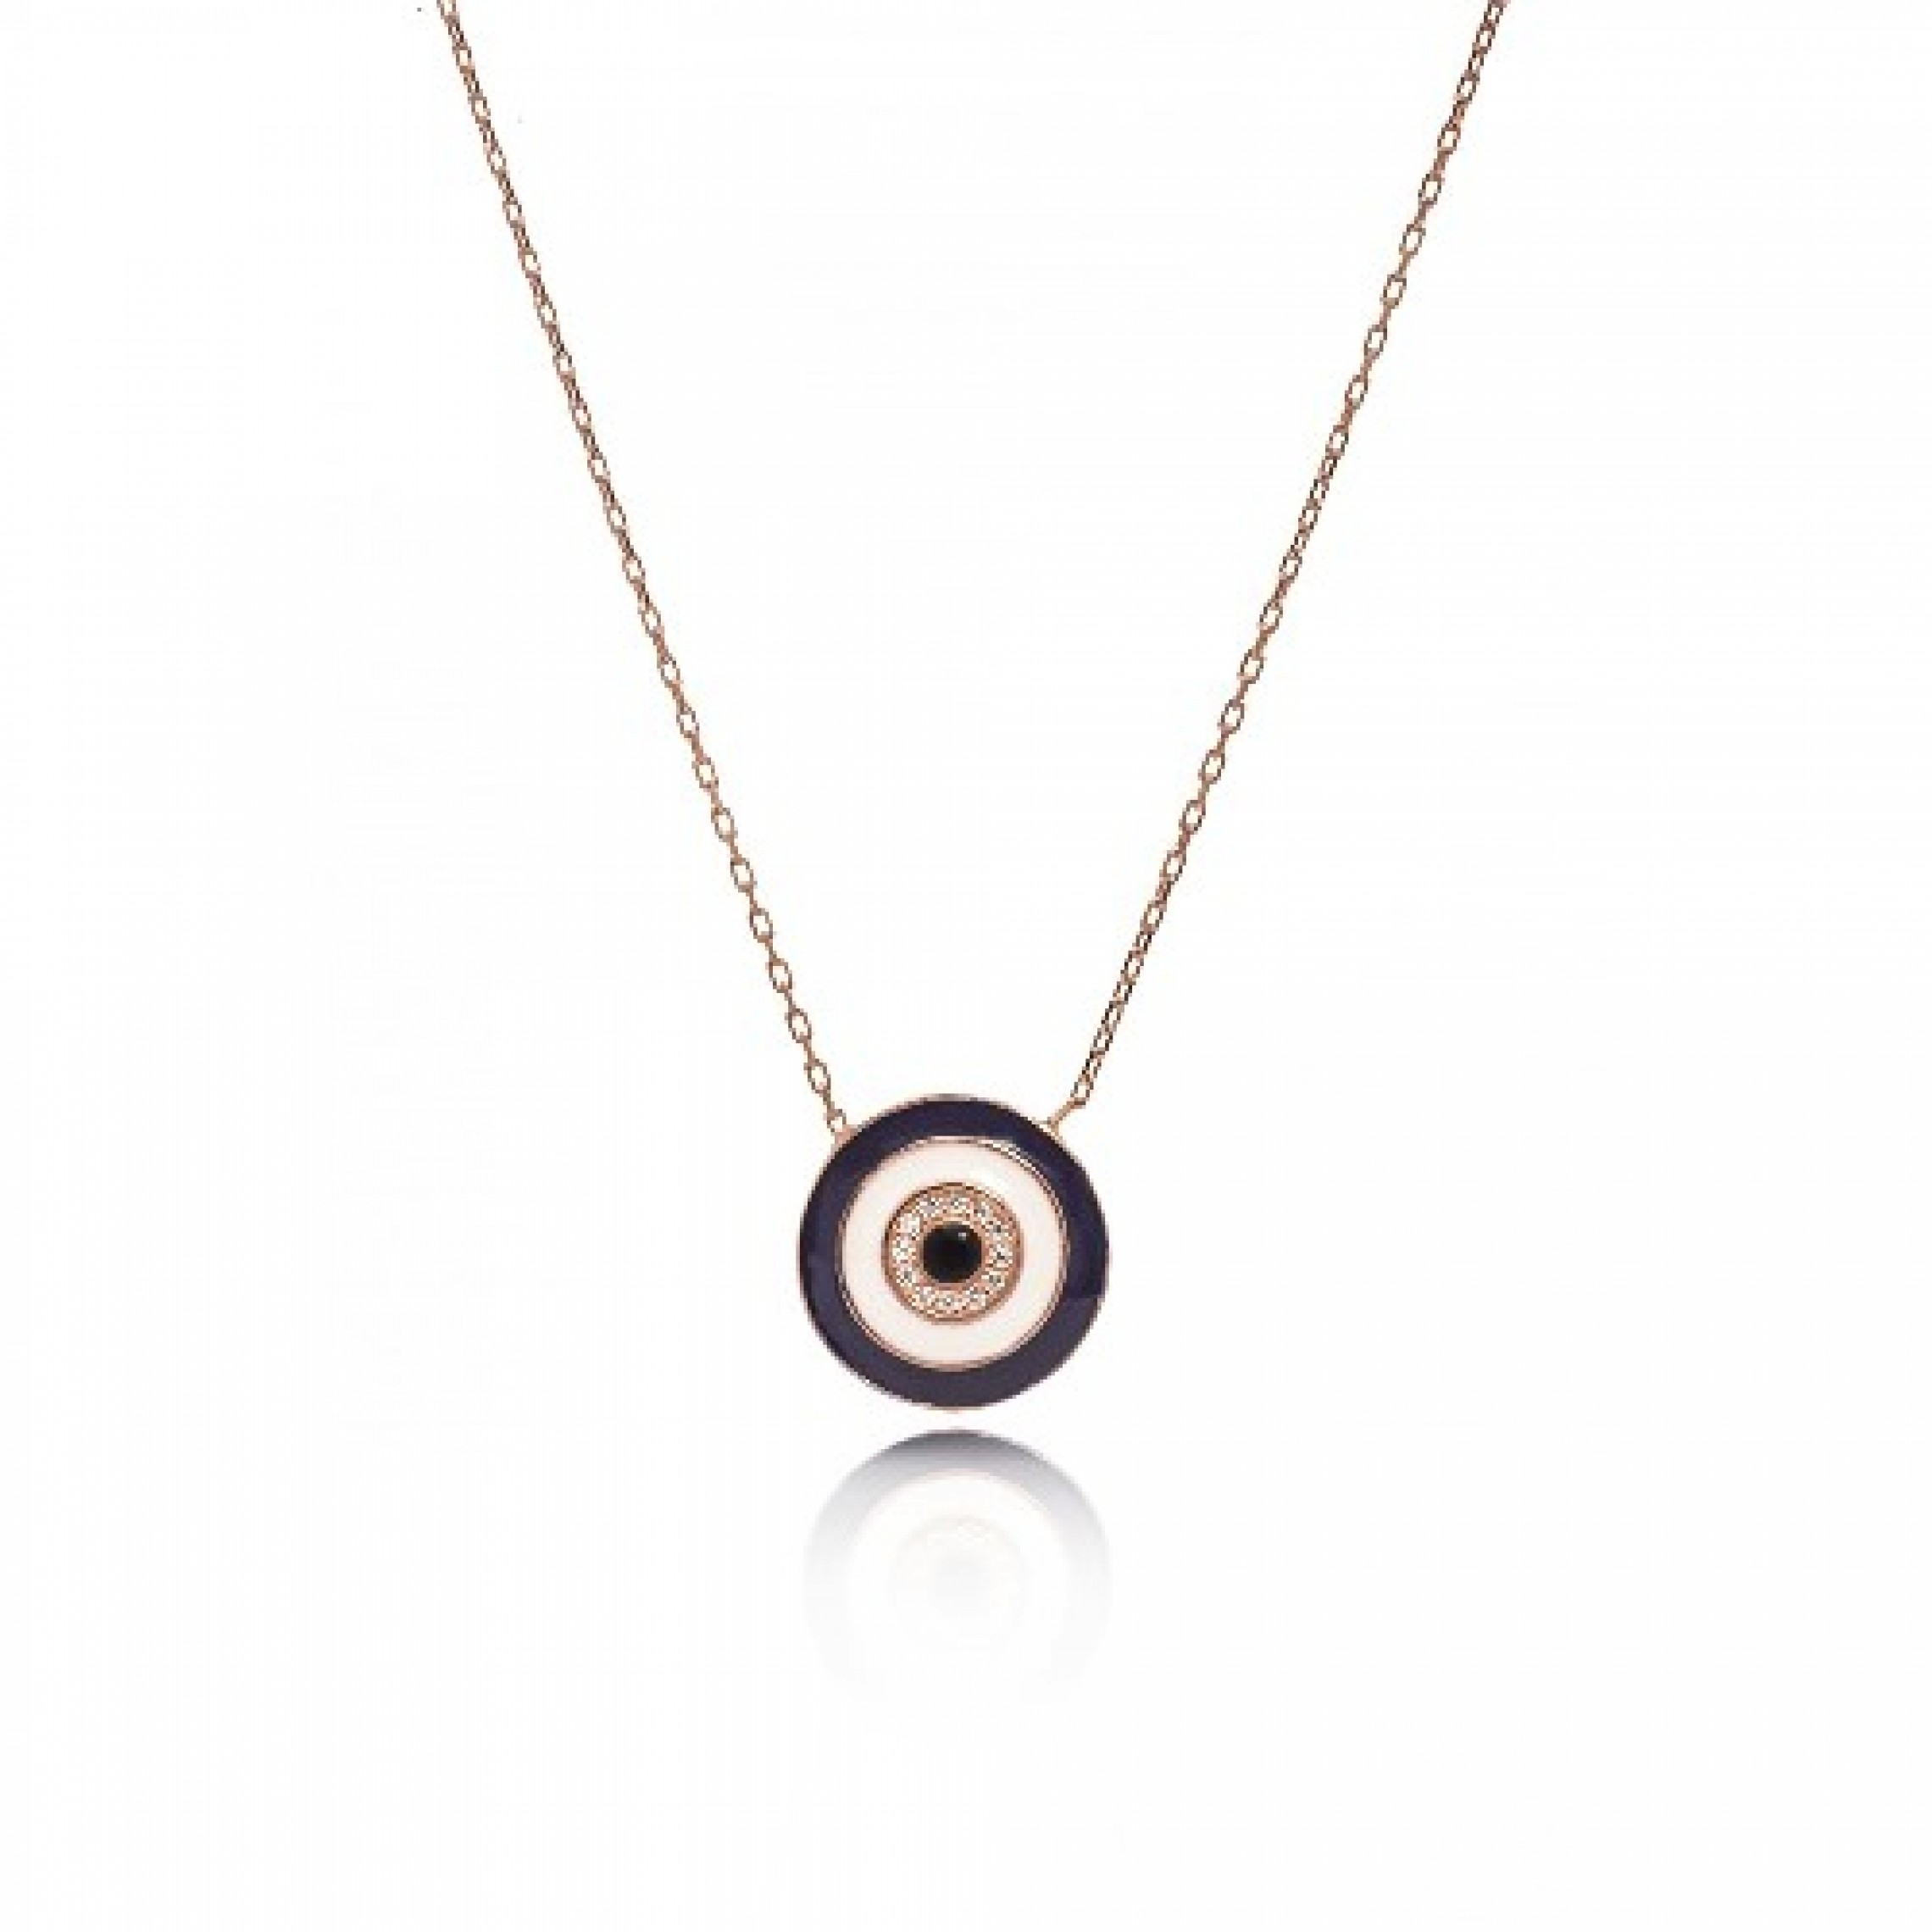 JN-190145 Evil Eye 925 Sterling Silver CZ Necklace Evil Eyes